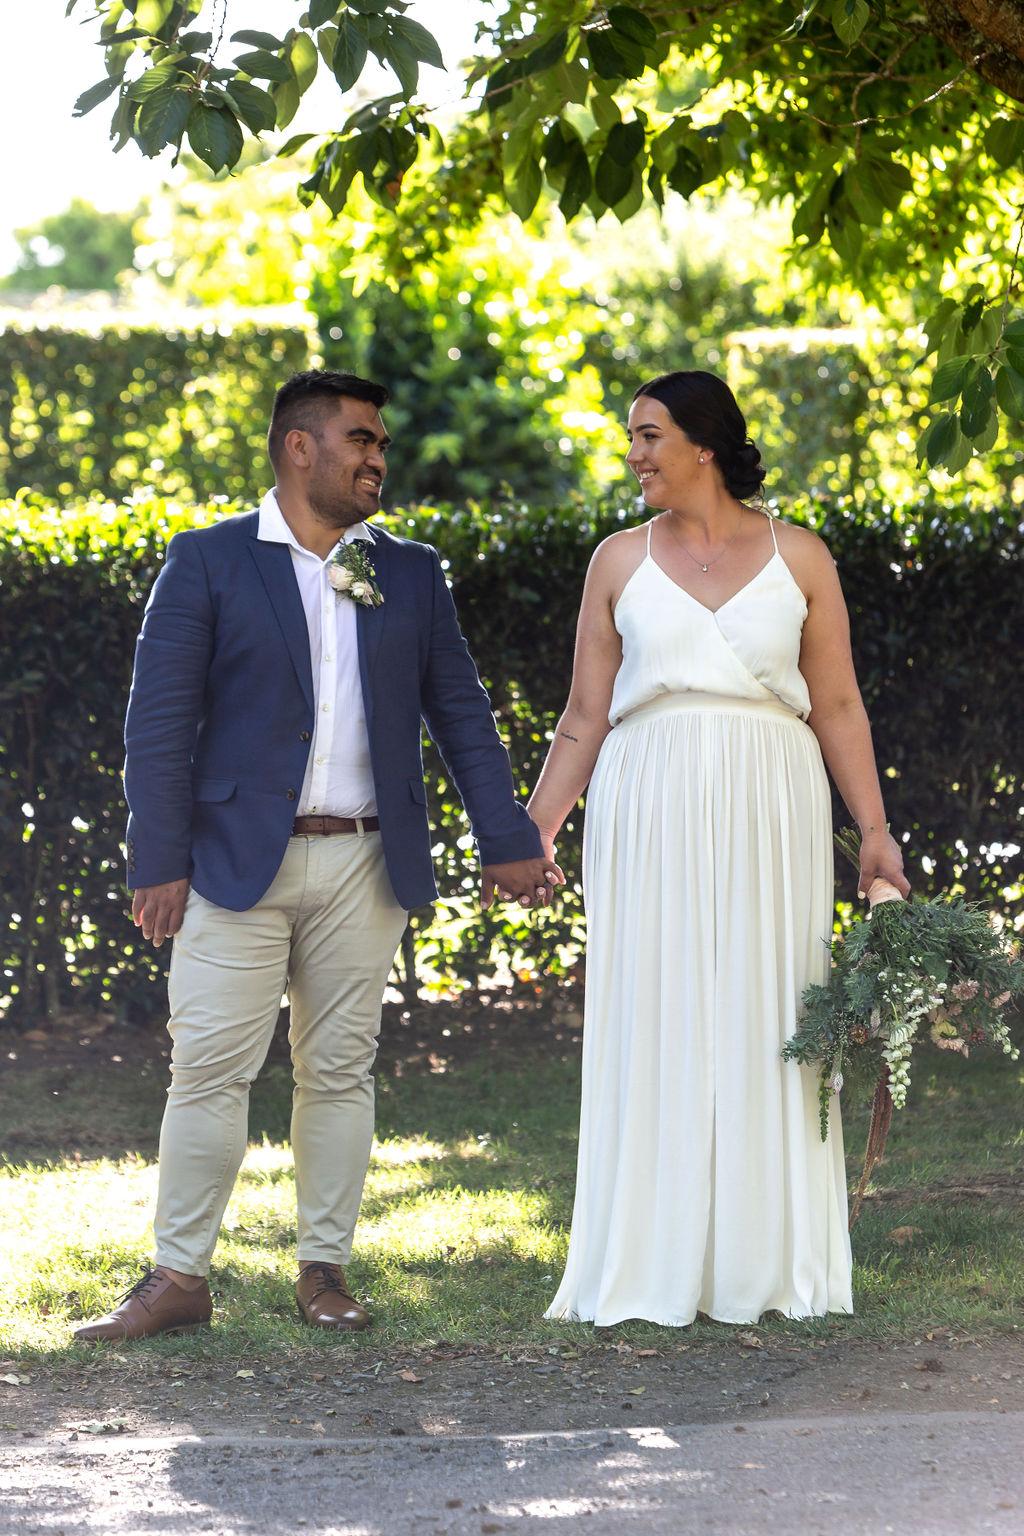 WeddingPhotography-141